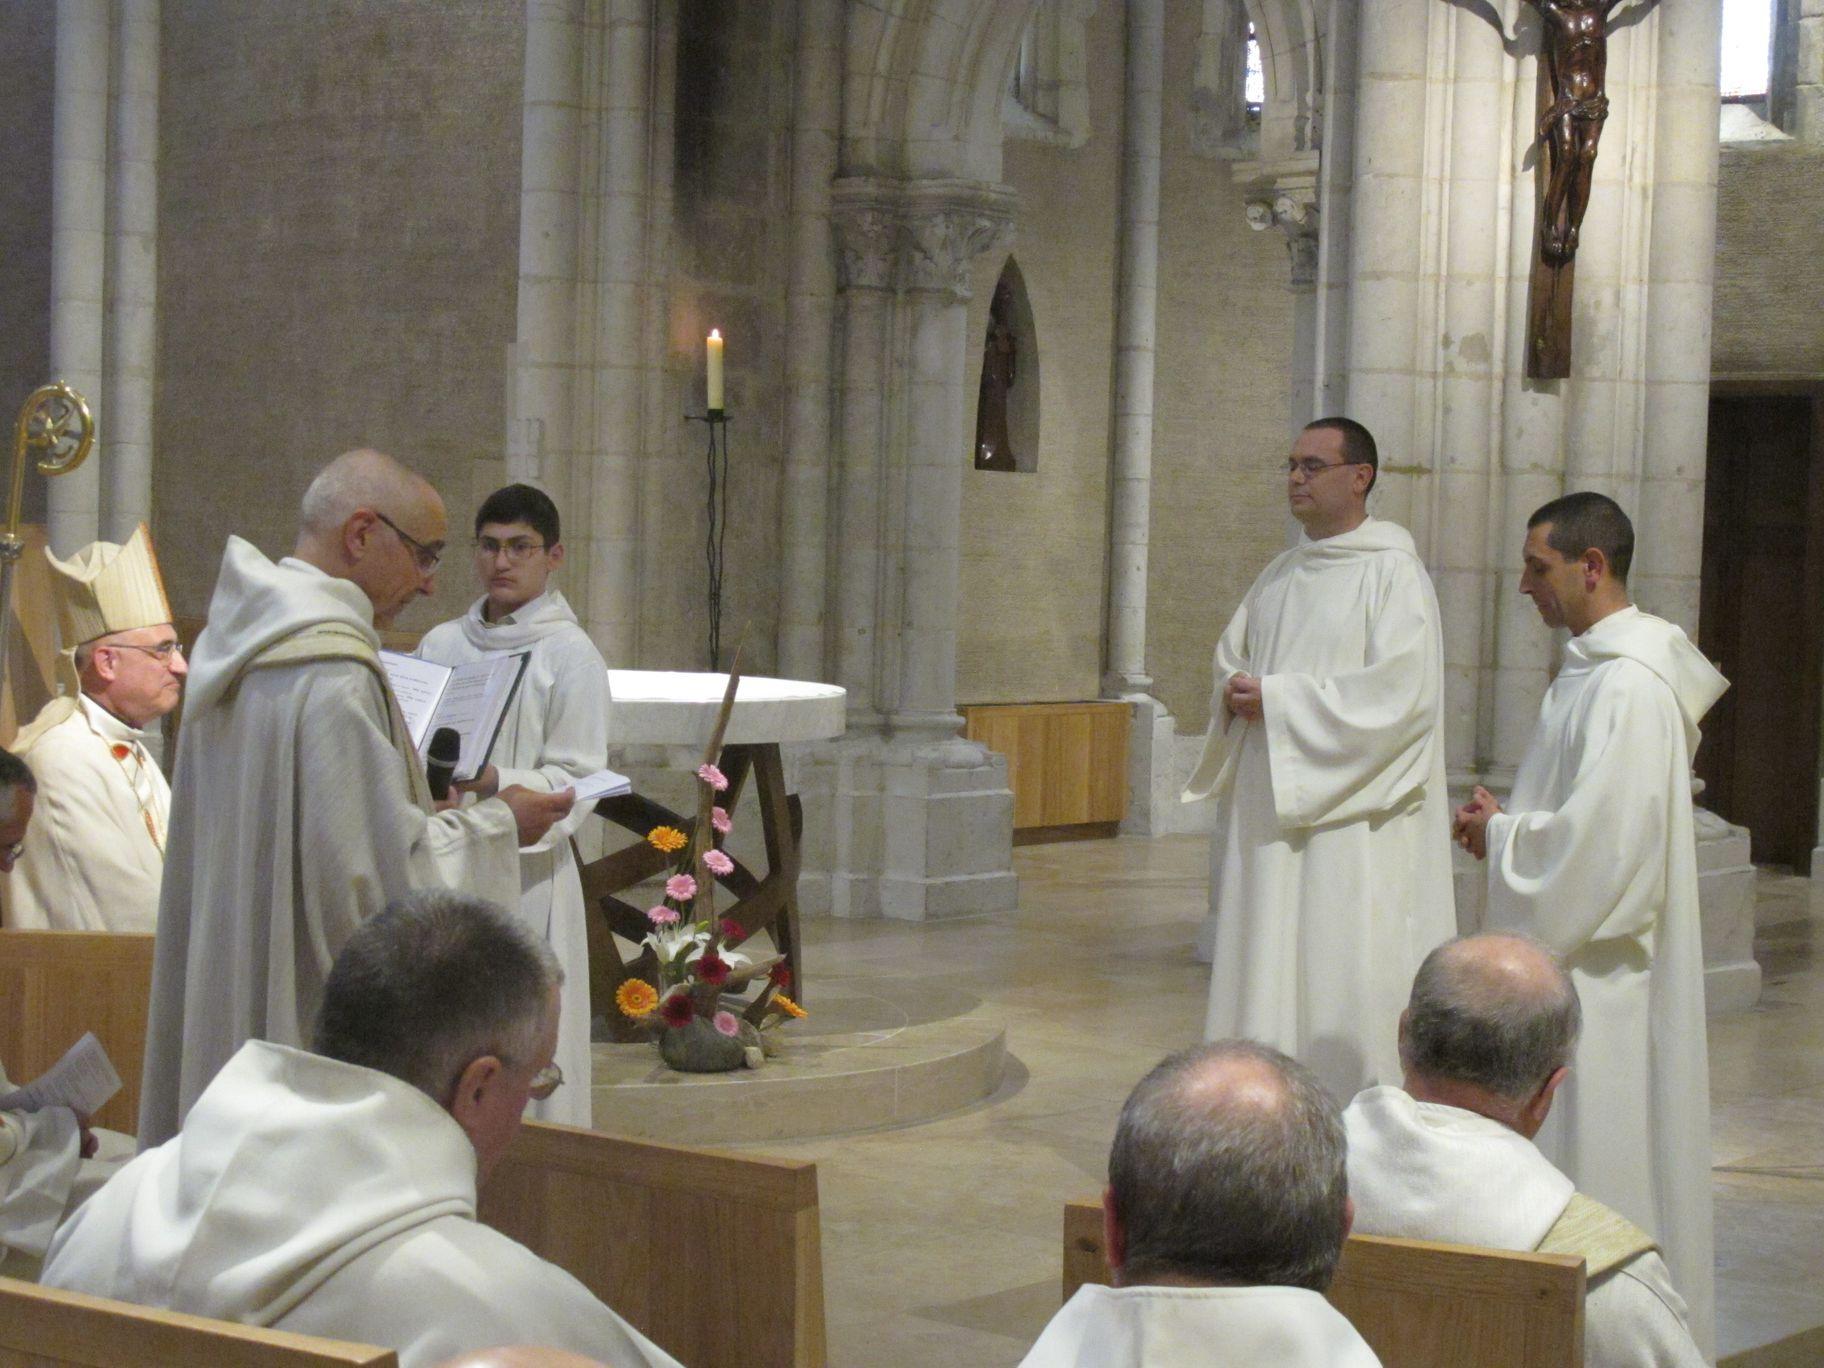 Le père abbé présente les ccandidats